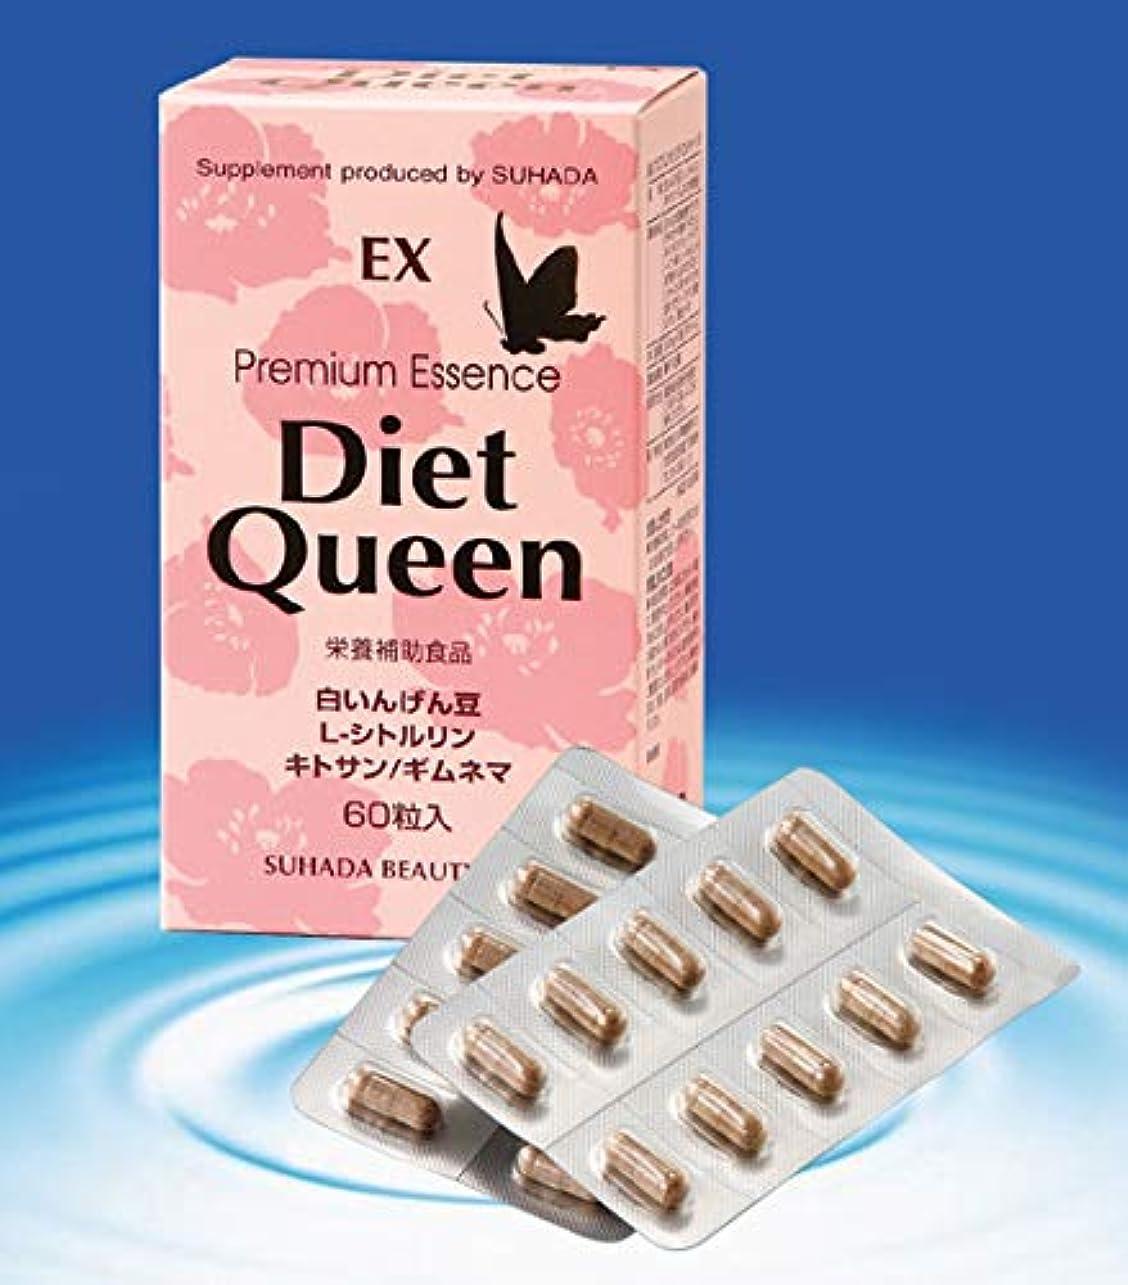 専門化する要求気分が良いプレミアムエッセンス ダイエットクイーン EX 60粒 Premium Essence Diet Queen